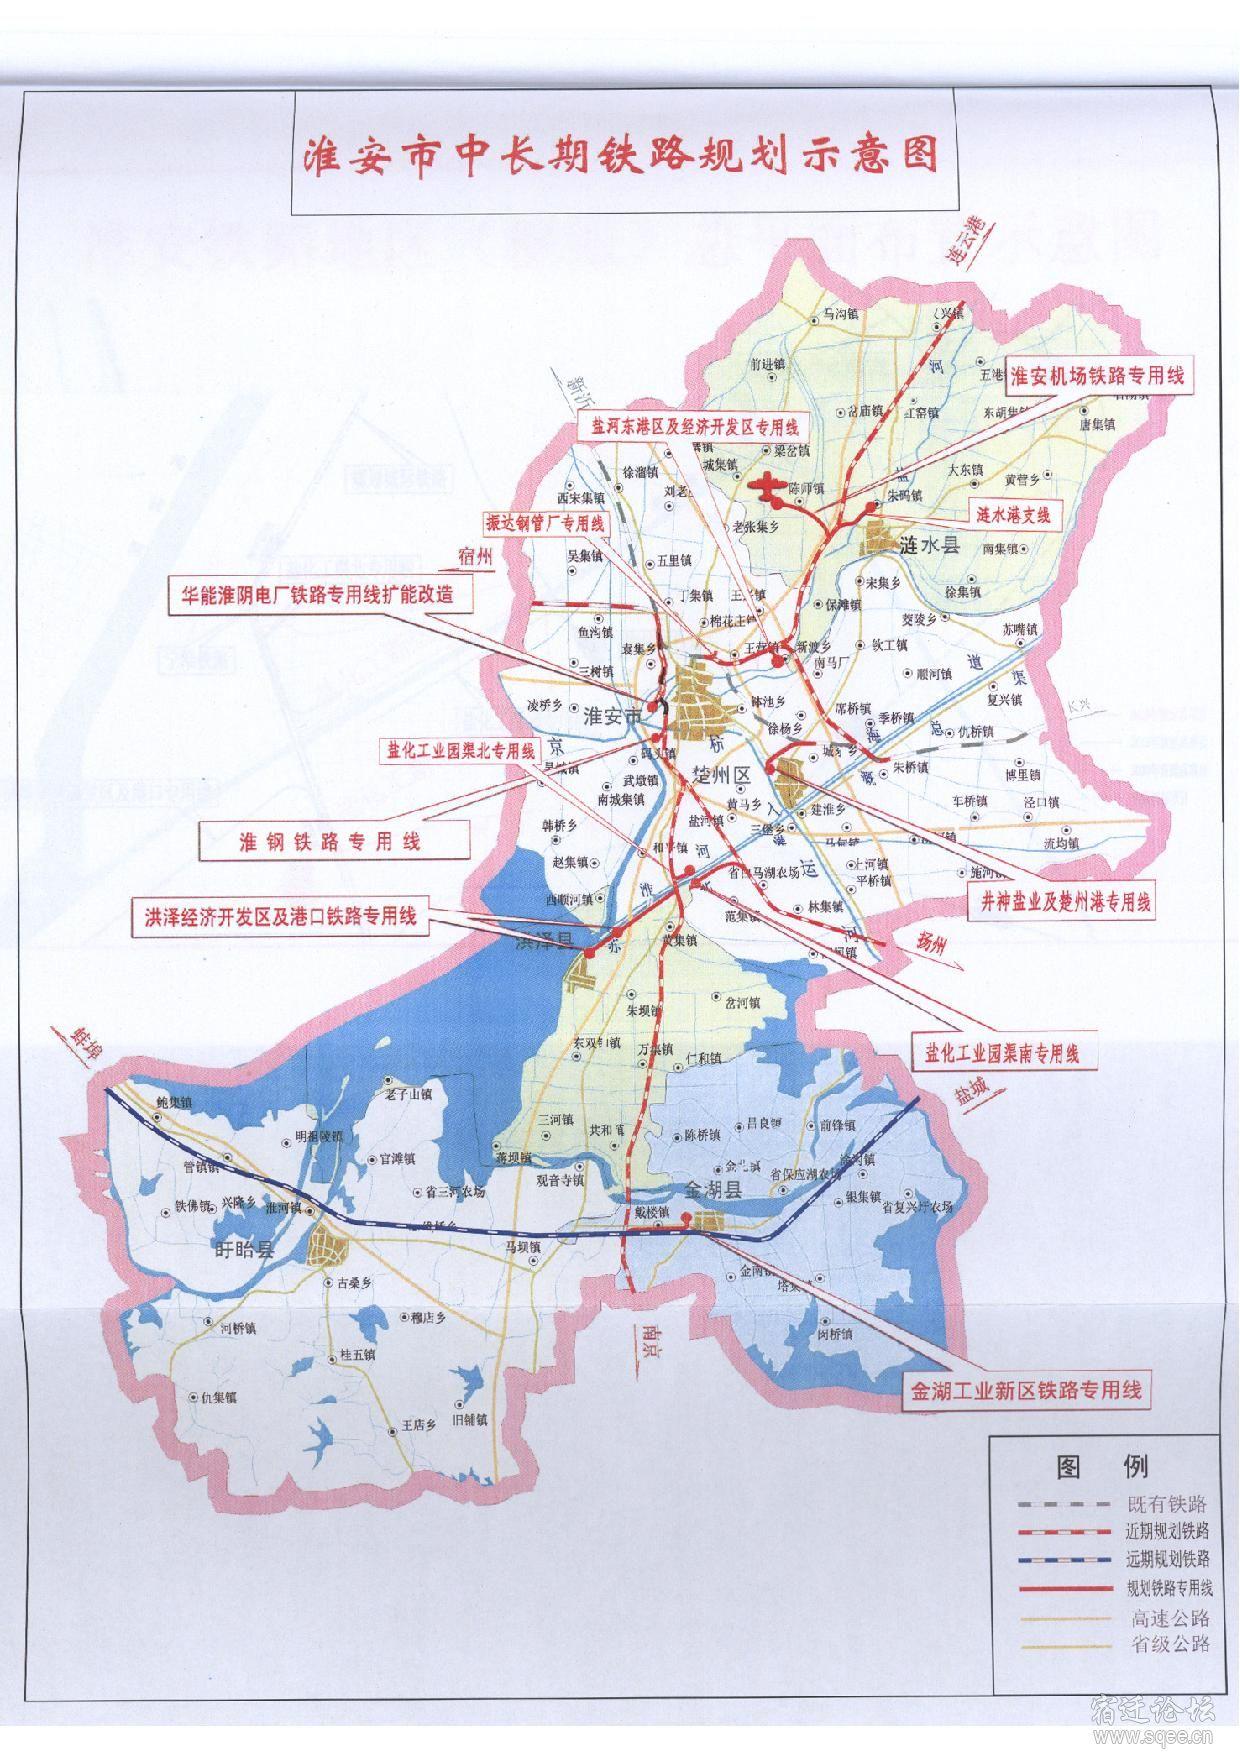 看看人家淮安的铁路规划图